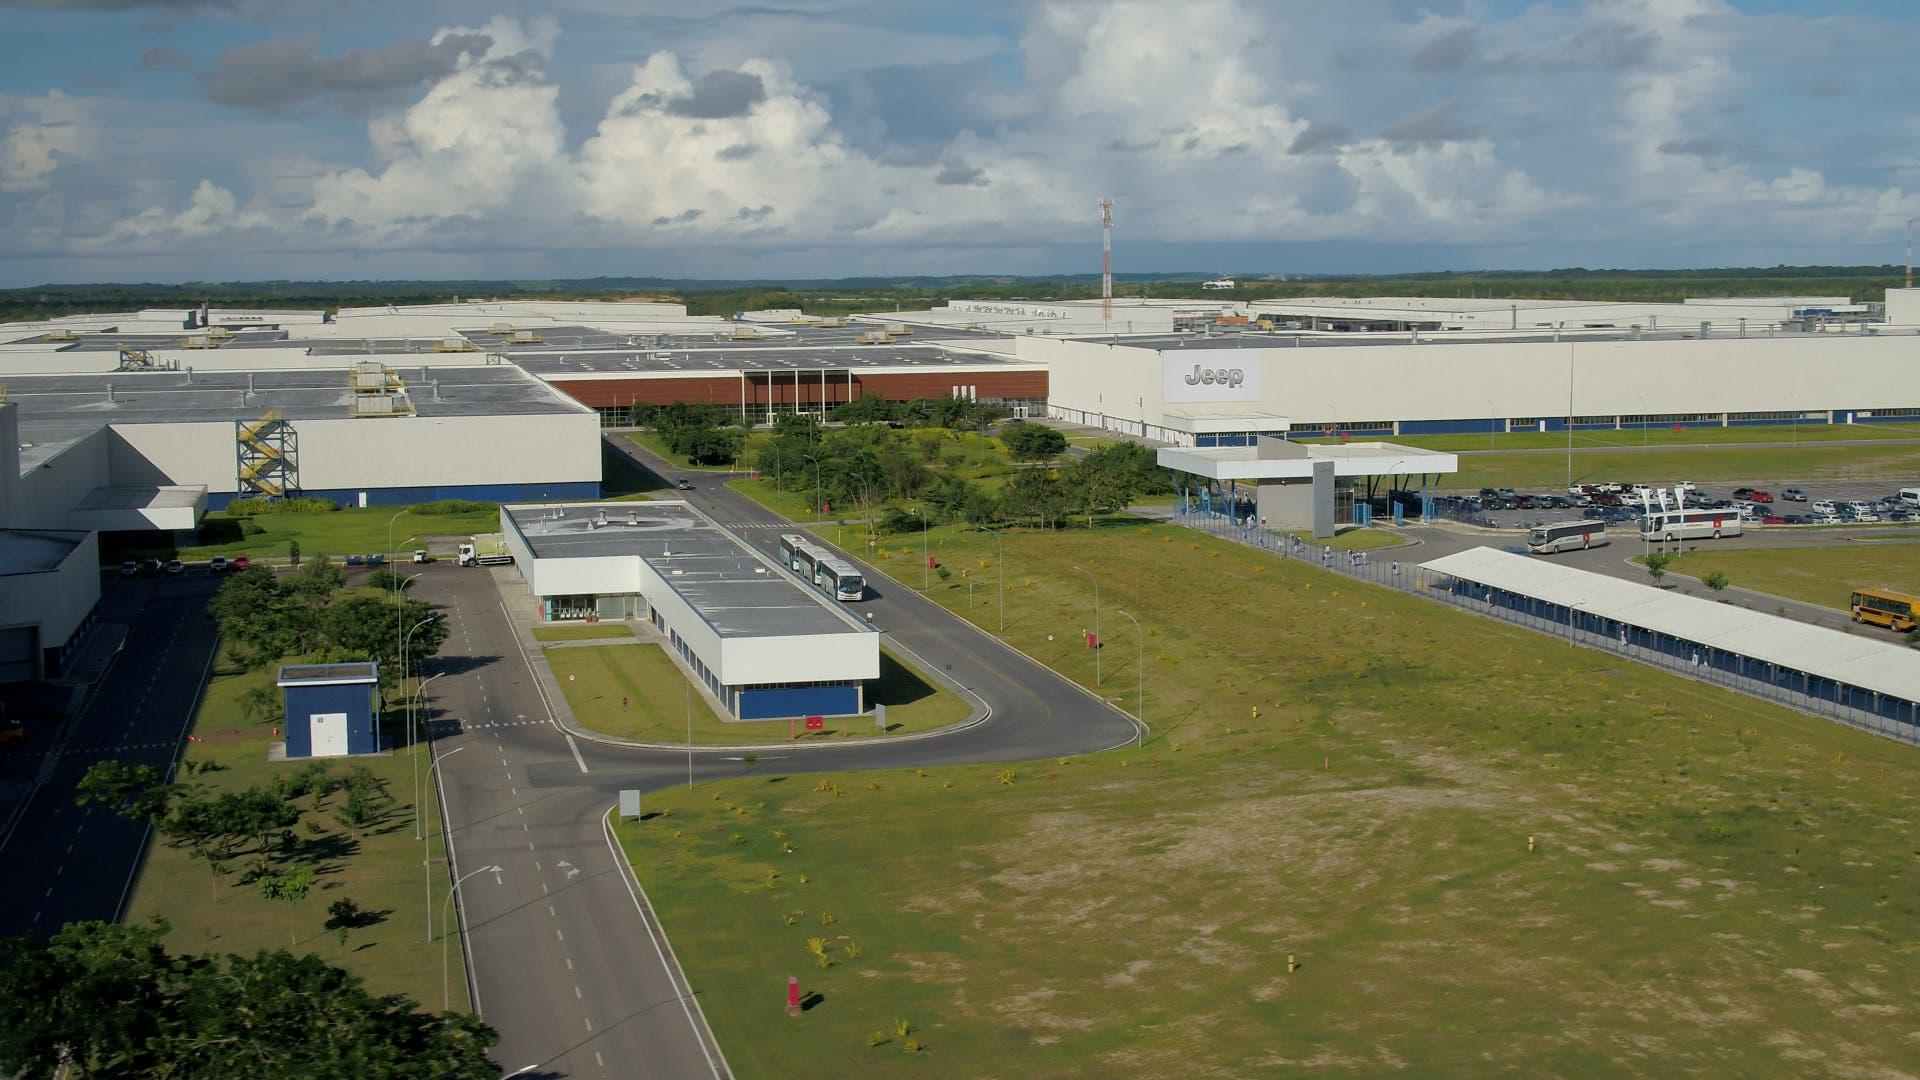 Stabilimento Jeep Pernambuco 1 milione veicoli prodotti